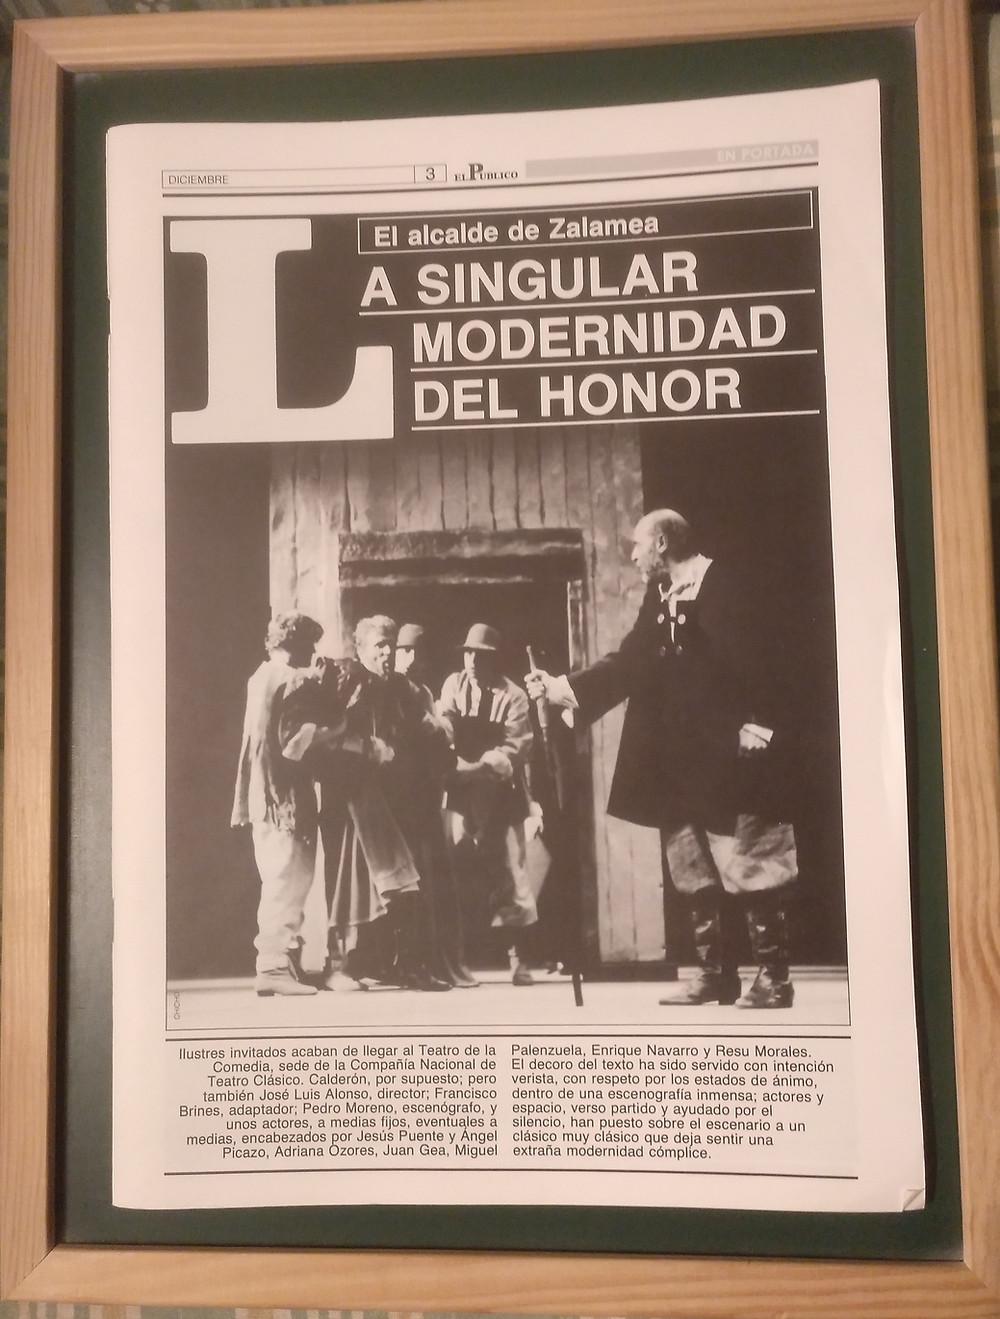 Dirección, adaptación, reparto de actores y escenografía de El Alcalde de Zalamea de Calderón de 1988.